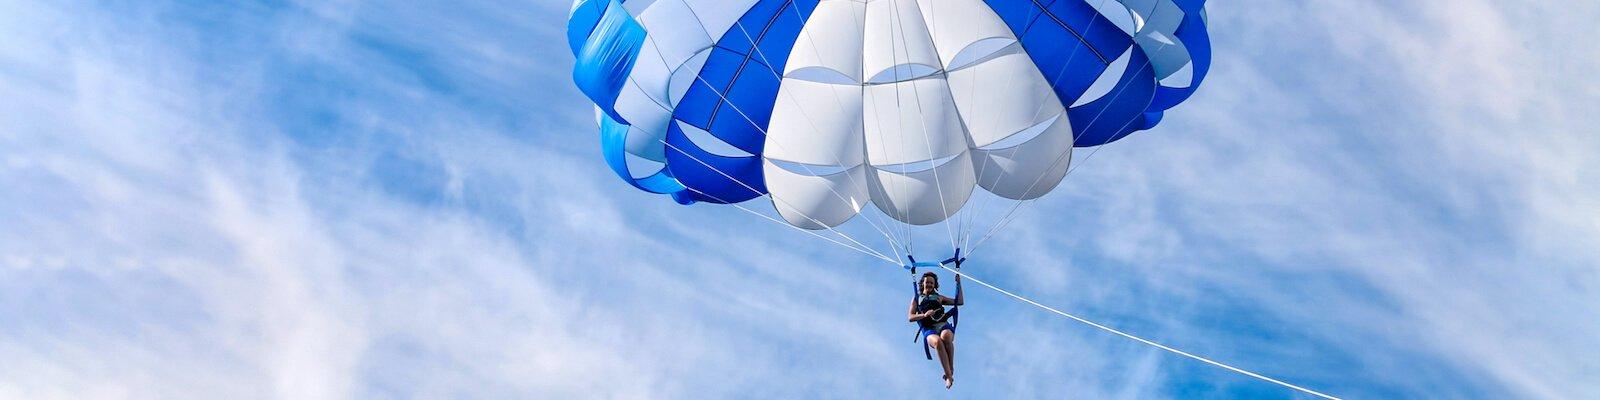 Водное развлечение - Полет на парасейле